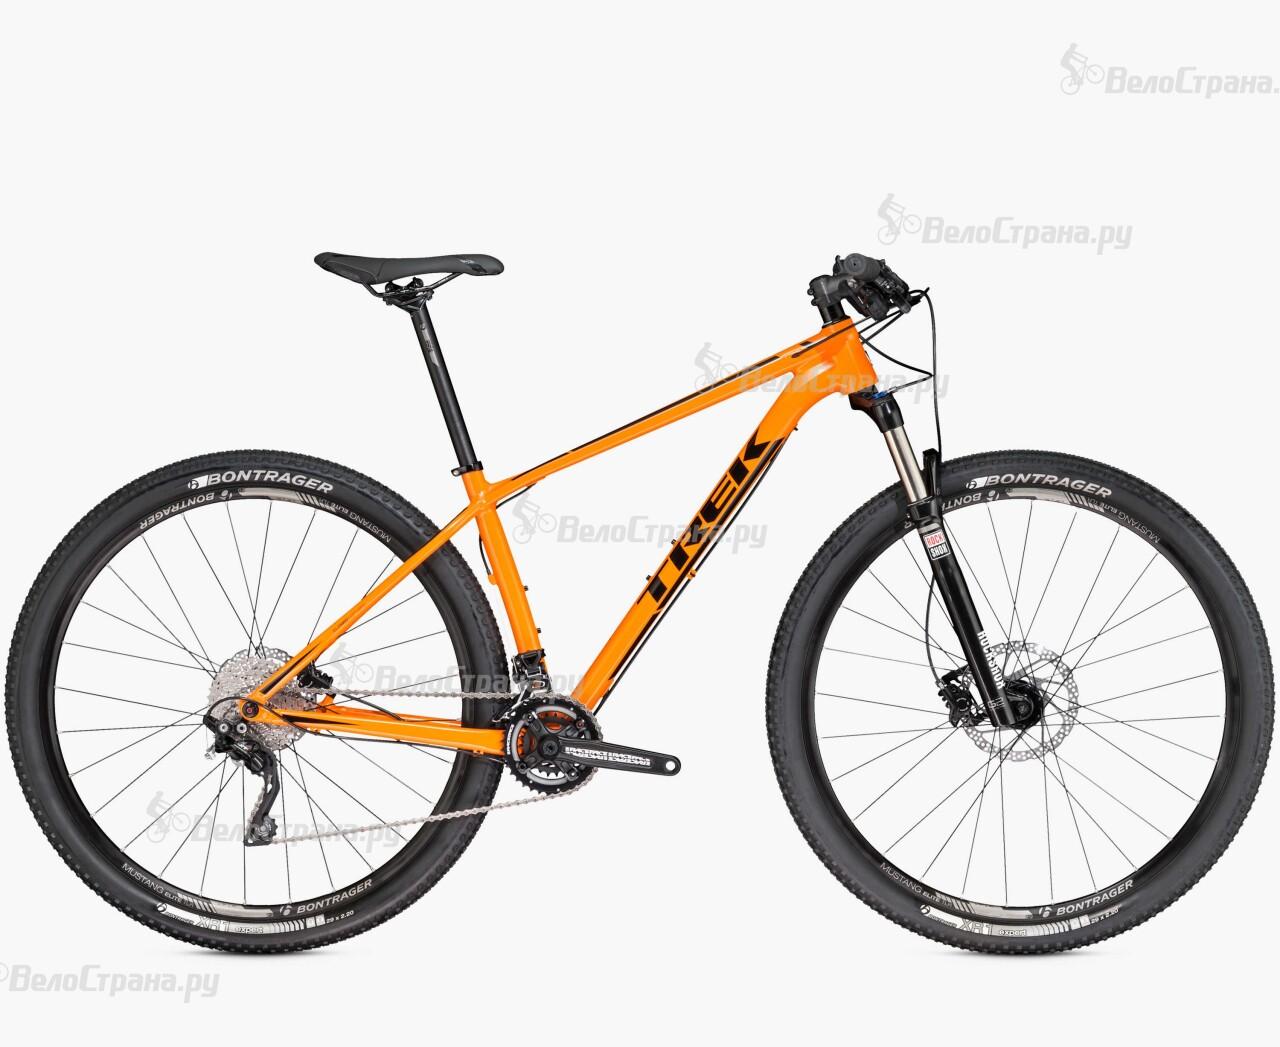 Велосипед Trek Superfly 5 29 (2016) велосипед trek superfly 8 29 2015